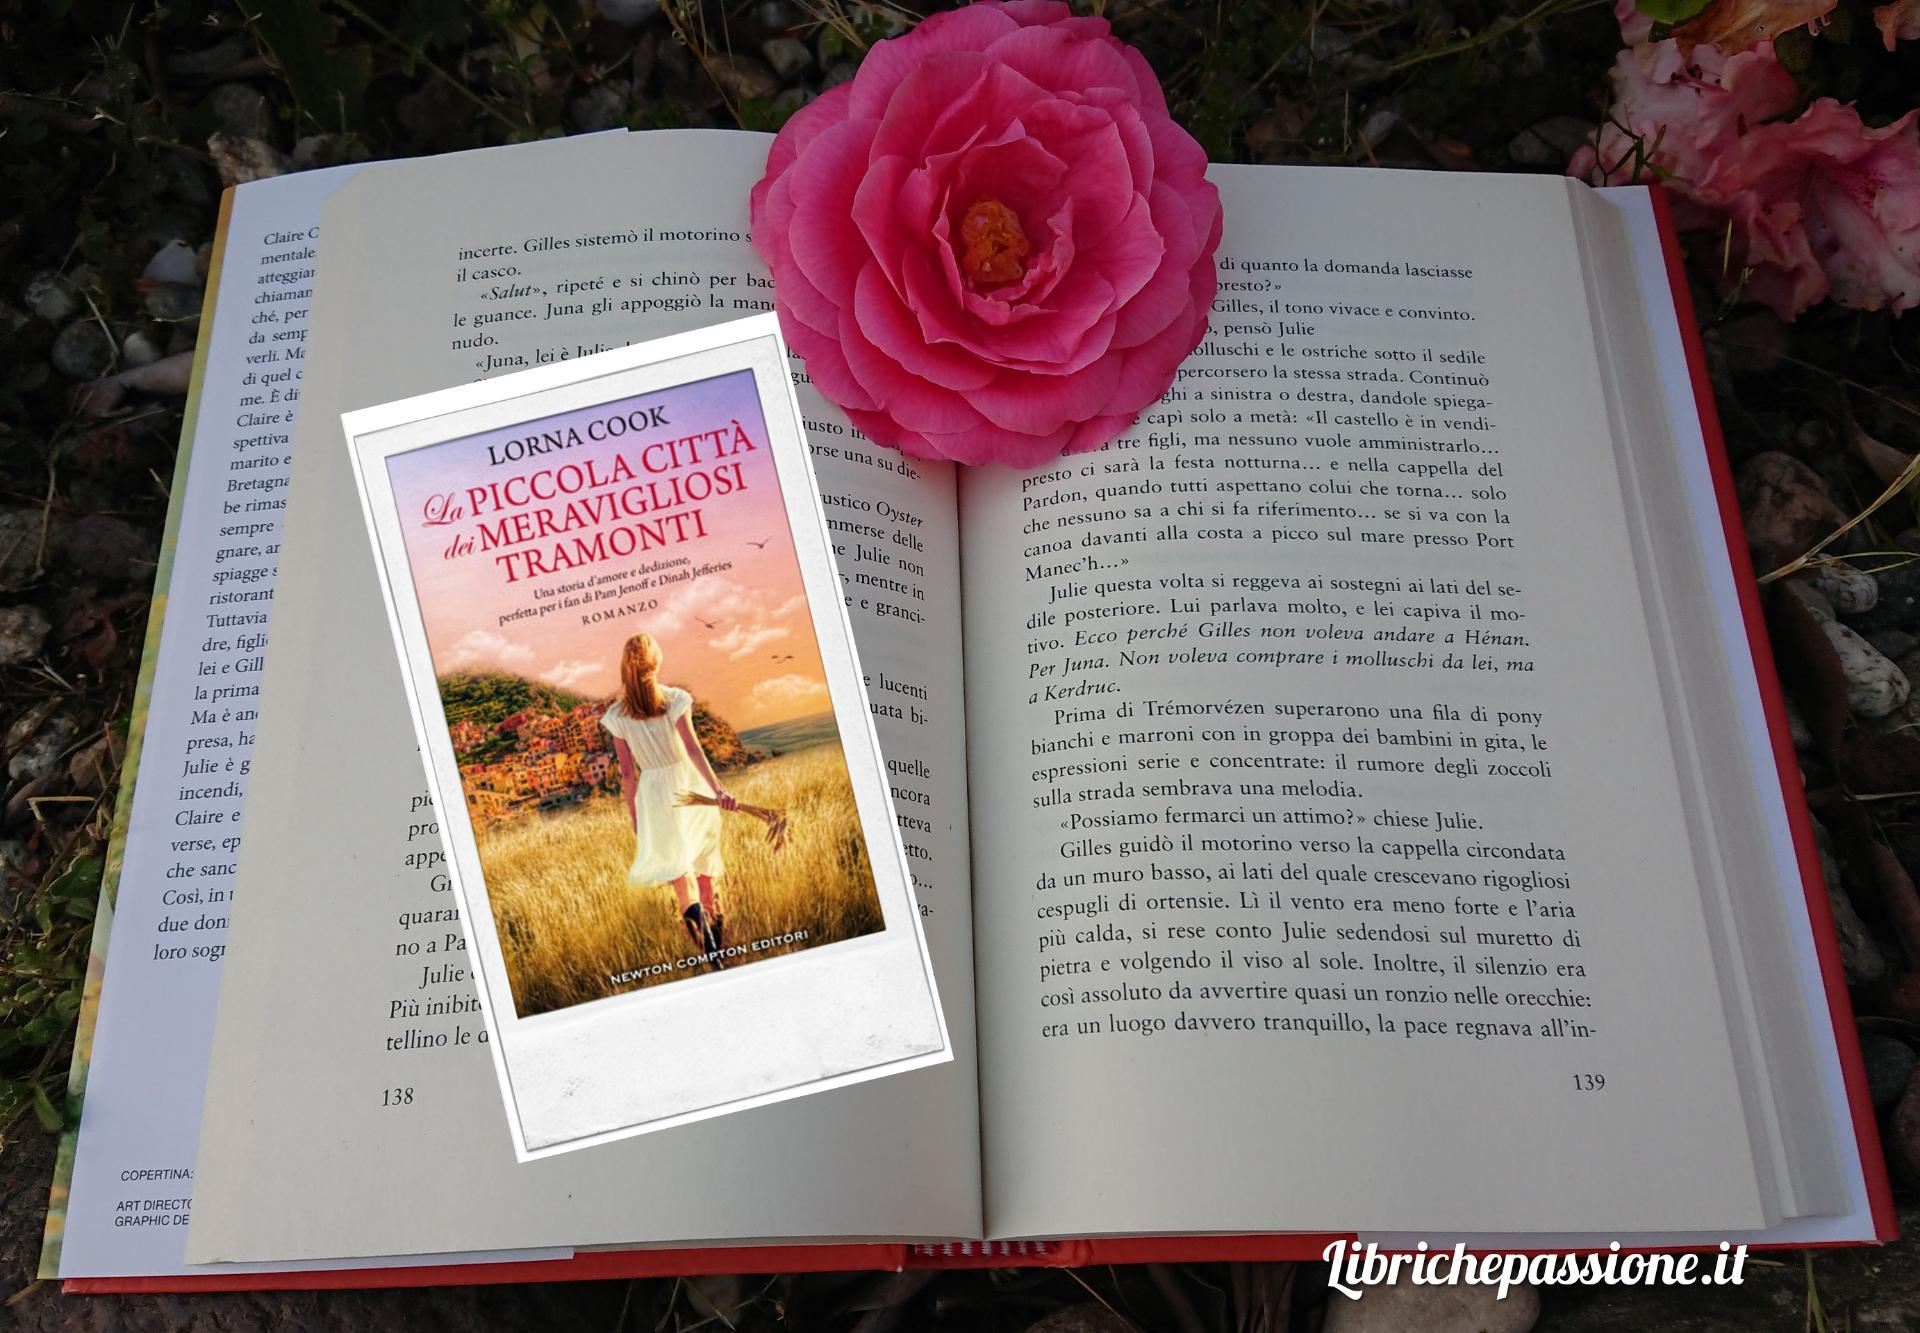 """Recensione del romanzo """"La piccola città dei meravigliosi tramonti"""" di Lorna Cook edito da Newton Compton"""